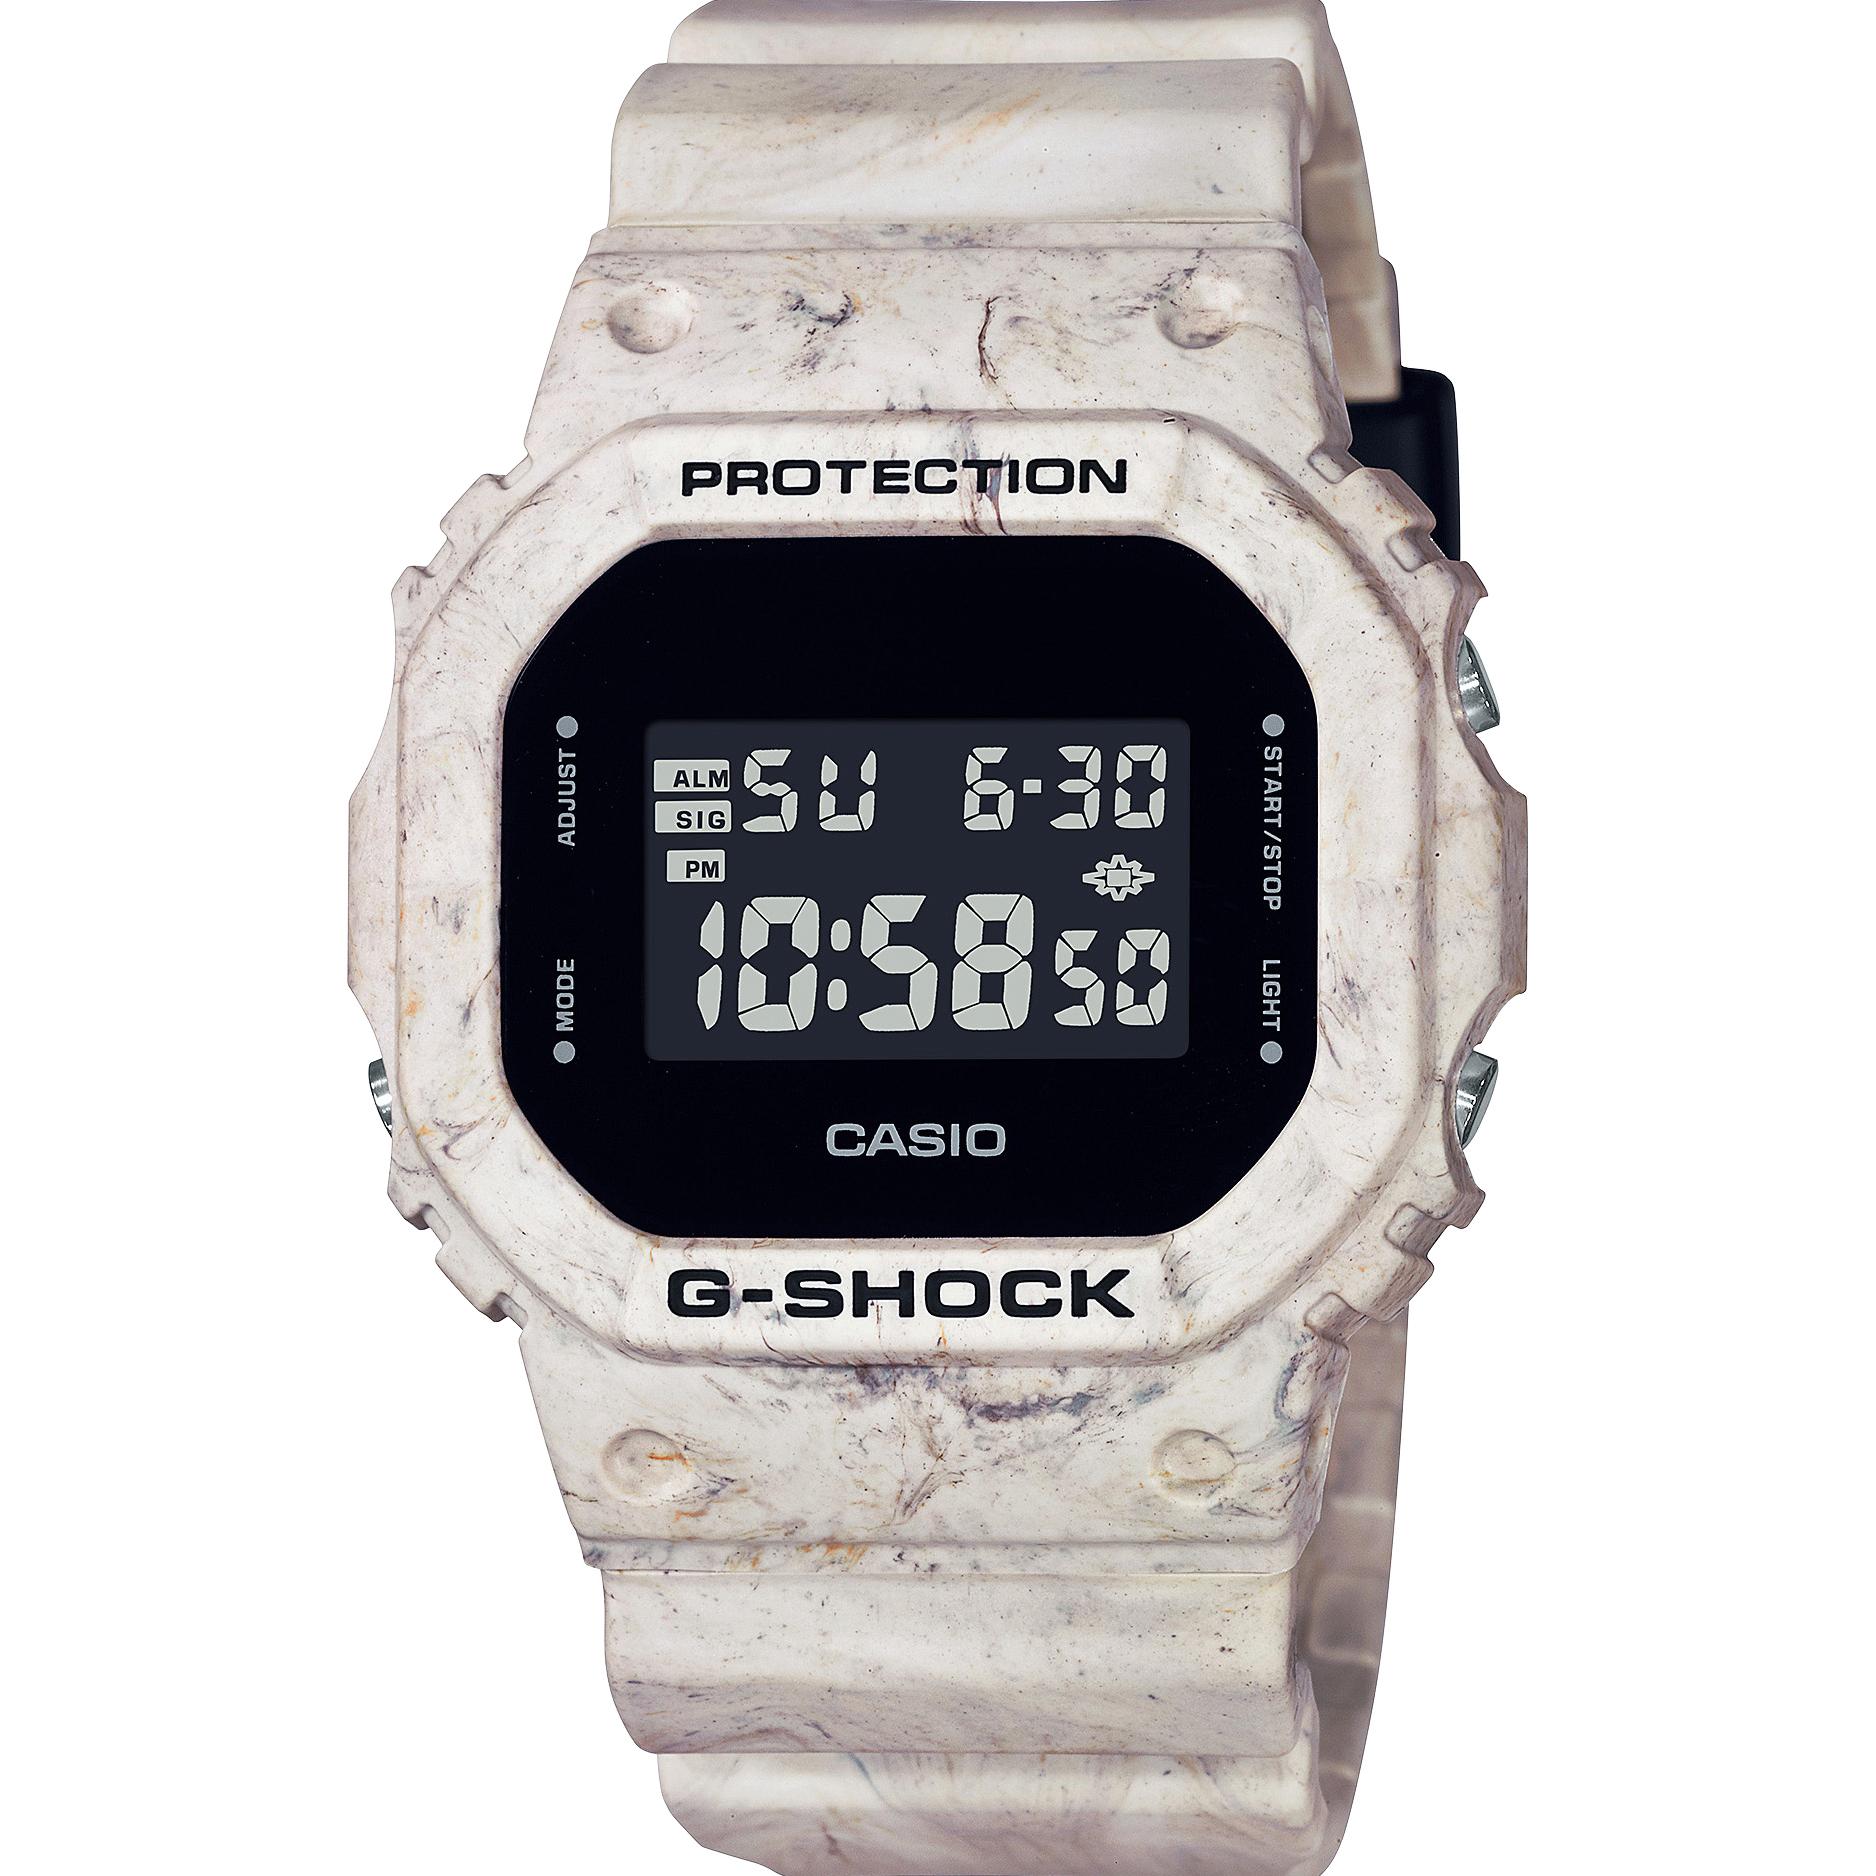 G-Shock DW-5600WM-5D Digital Utility Wavy Marble Series